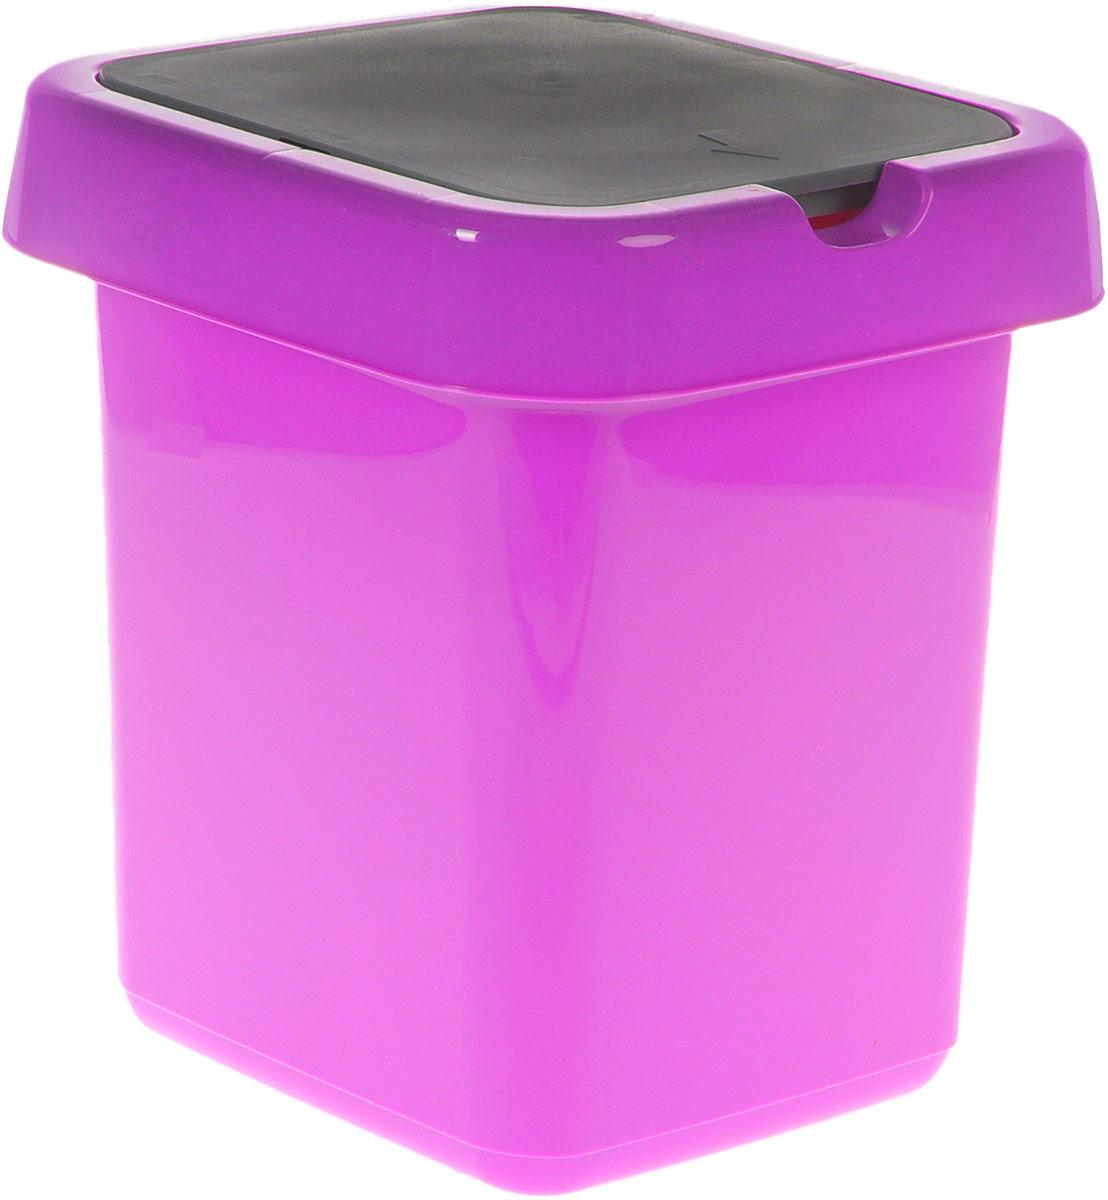 Контейнер для мусора Svip Квадра, цвет: фиолетовый, серый, 9 л57064_красный, белыйМусорный контейнер Svip Квадра поможет поддержать порядок и чистоту на кухне, в туалетной комнате или в офисе. Изделие, выполненное из полипропилена, не боится ударов и долгих лет использования. Изделие оснащено крышкой с двойным механизмом открывания, что обеспечивает максимально удобное использование: откидной крышкой можно воспользоваться при выбрасывании большого мусора, крышкой-маятником - для мусора меньшего объема. Скрытые борта в корпусе изделия для аккуратного использования одноразовых пакетов и сохранения эстетики изделия. Съемная верхняя часть контейнера обеспечивает удобство извлечения накопившегося мусора. Эстетика изделия превращает необходимый предмет кухни или туалетной комнаты в стильное дополнение к интерьеру. Его легкость и прочность оптимально решают проблему сбора мусора.